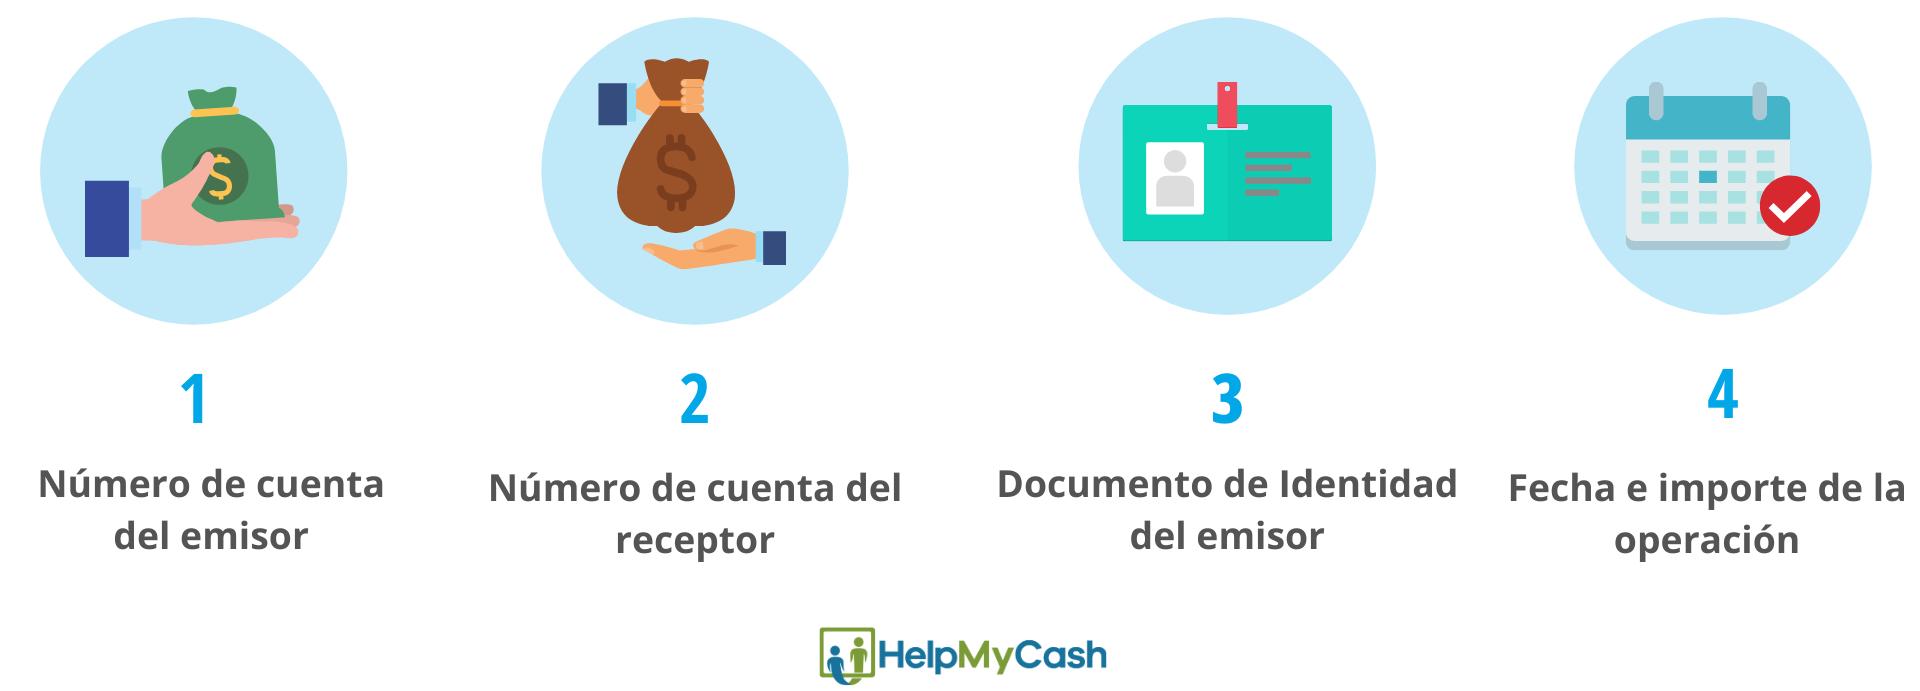 cancelar transferencia bancaria: 1- número de cuenta del emisor. 2- número de cuenta del receptor. 3- documento de identidad del emisor. 4- fecha e importe de la operación